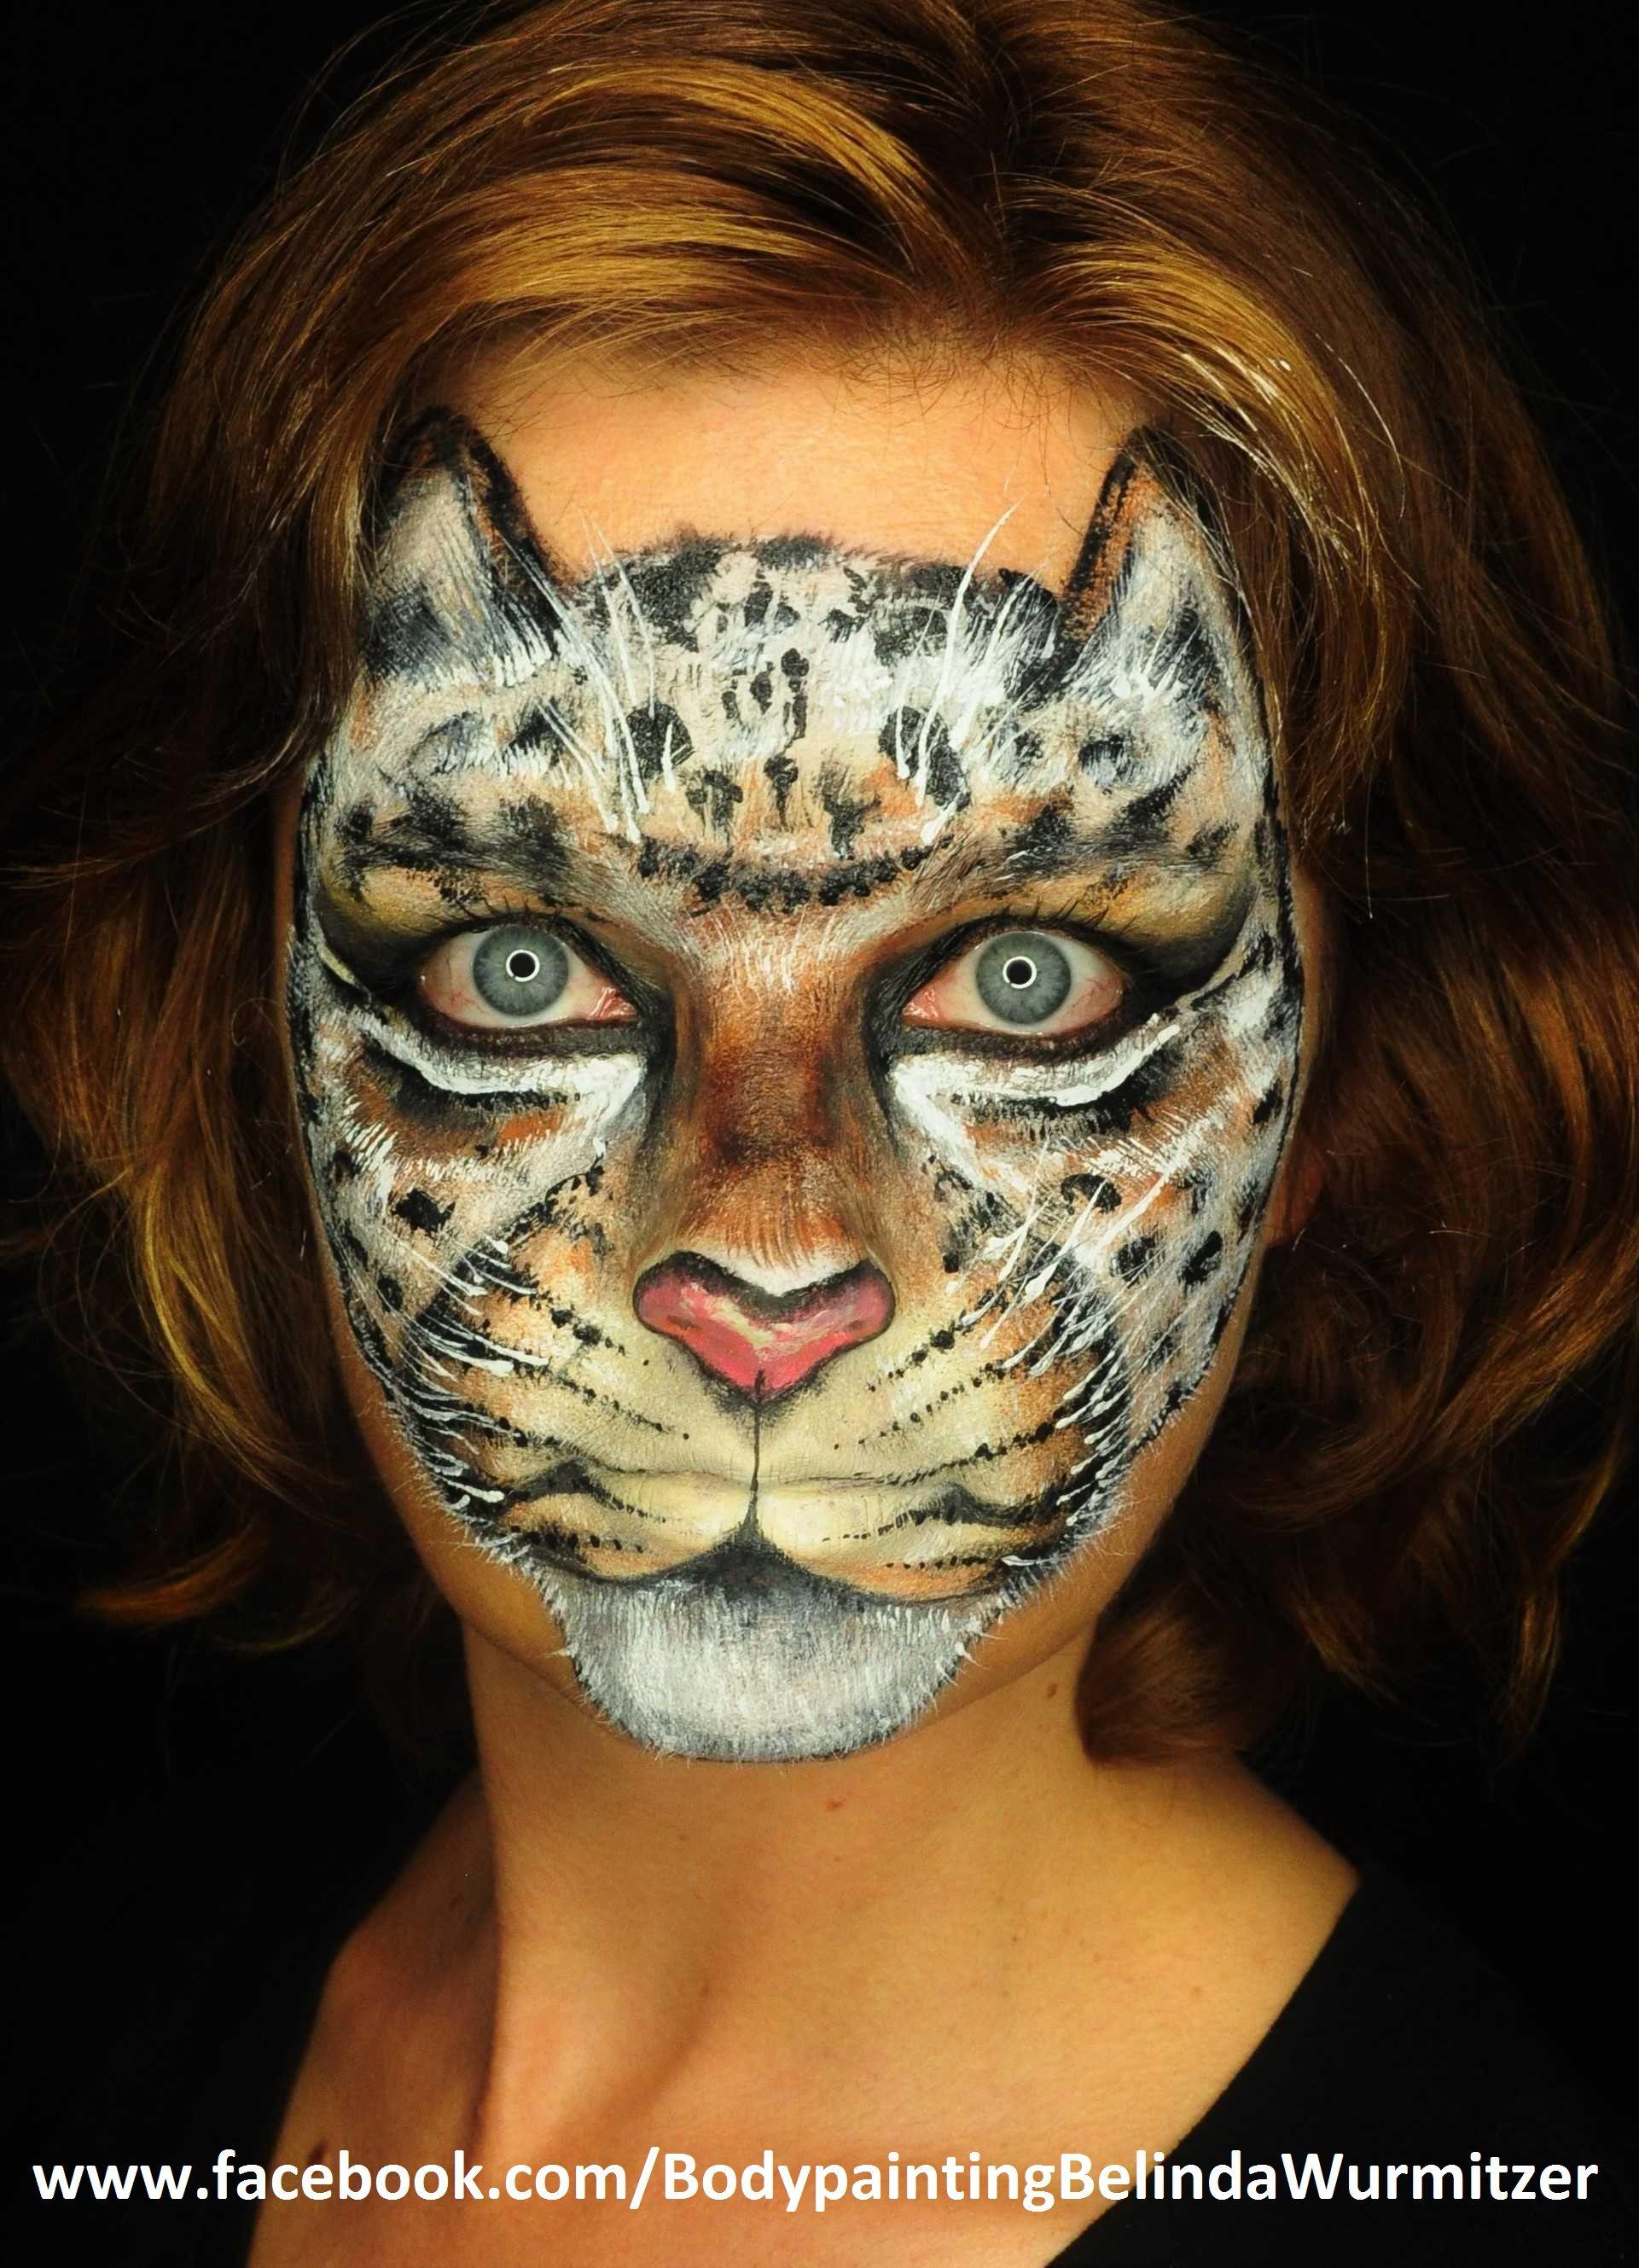 leopard artist und artist belinda wurmitzer. Black Bedroom Furniture Sets. Home Design Ideas